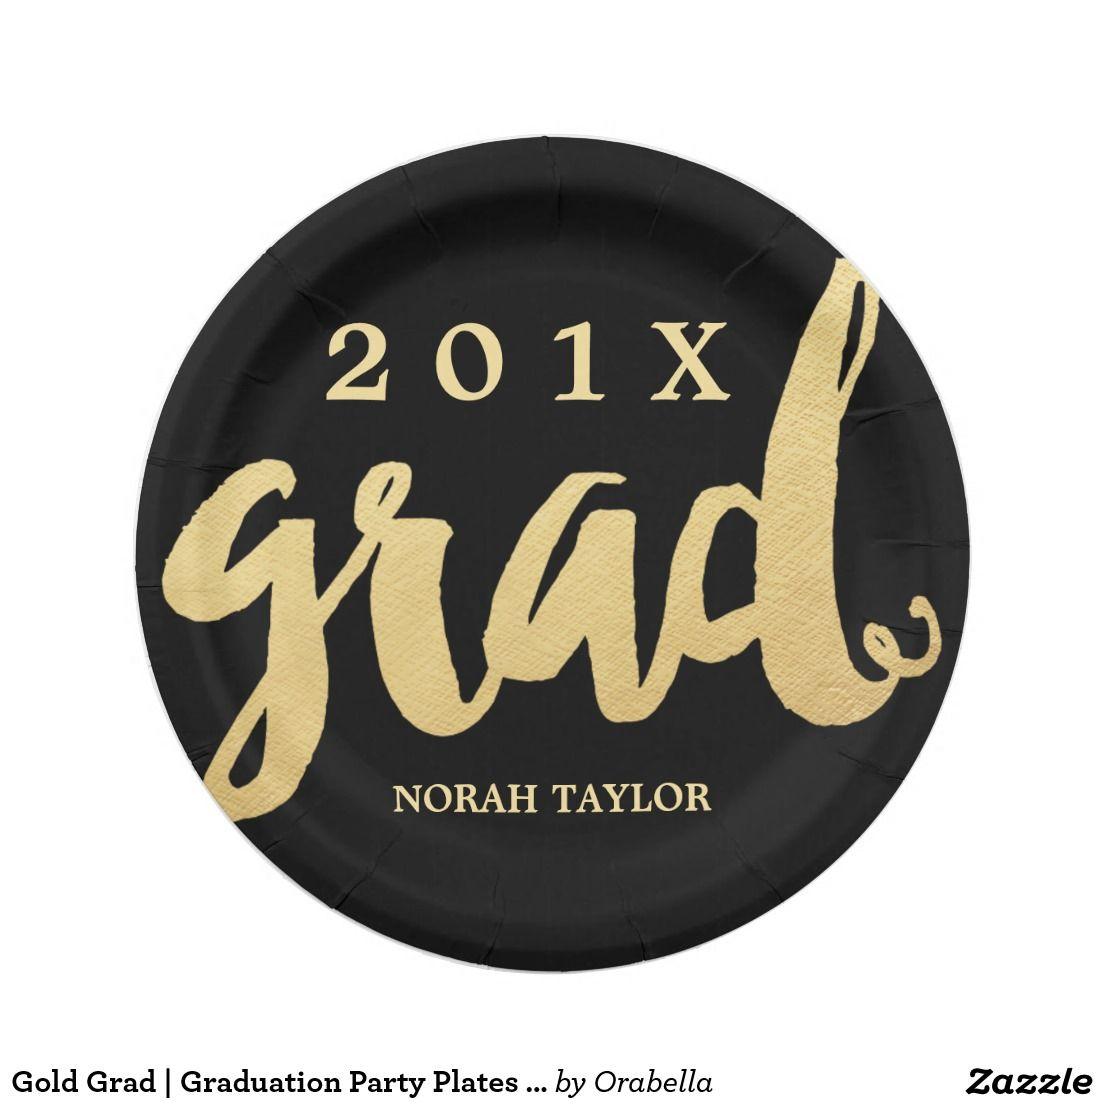 gold grad graduation party plates lg text graduation